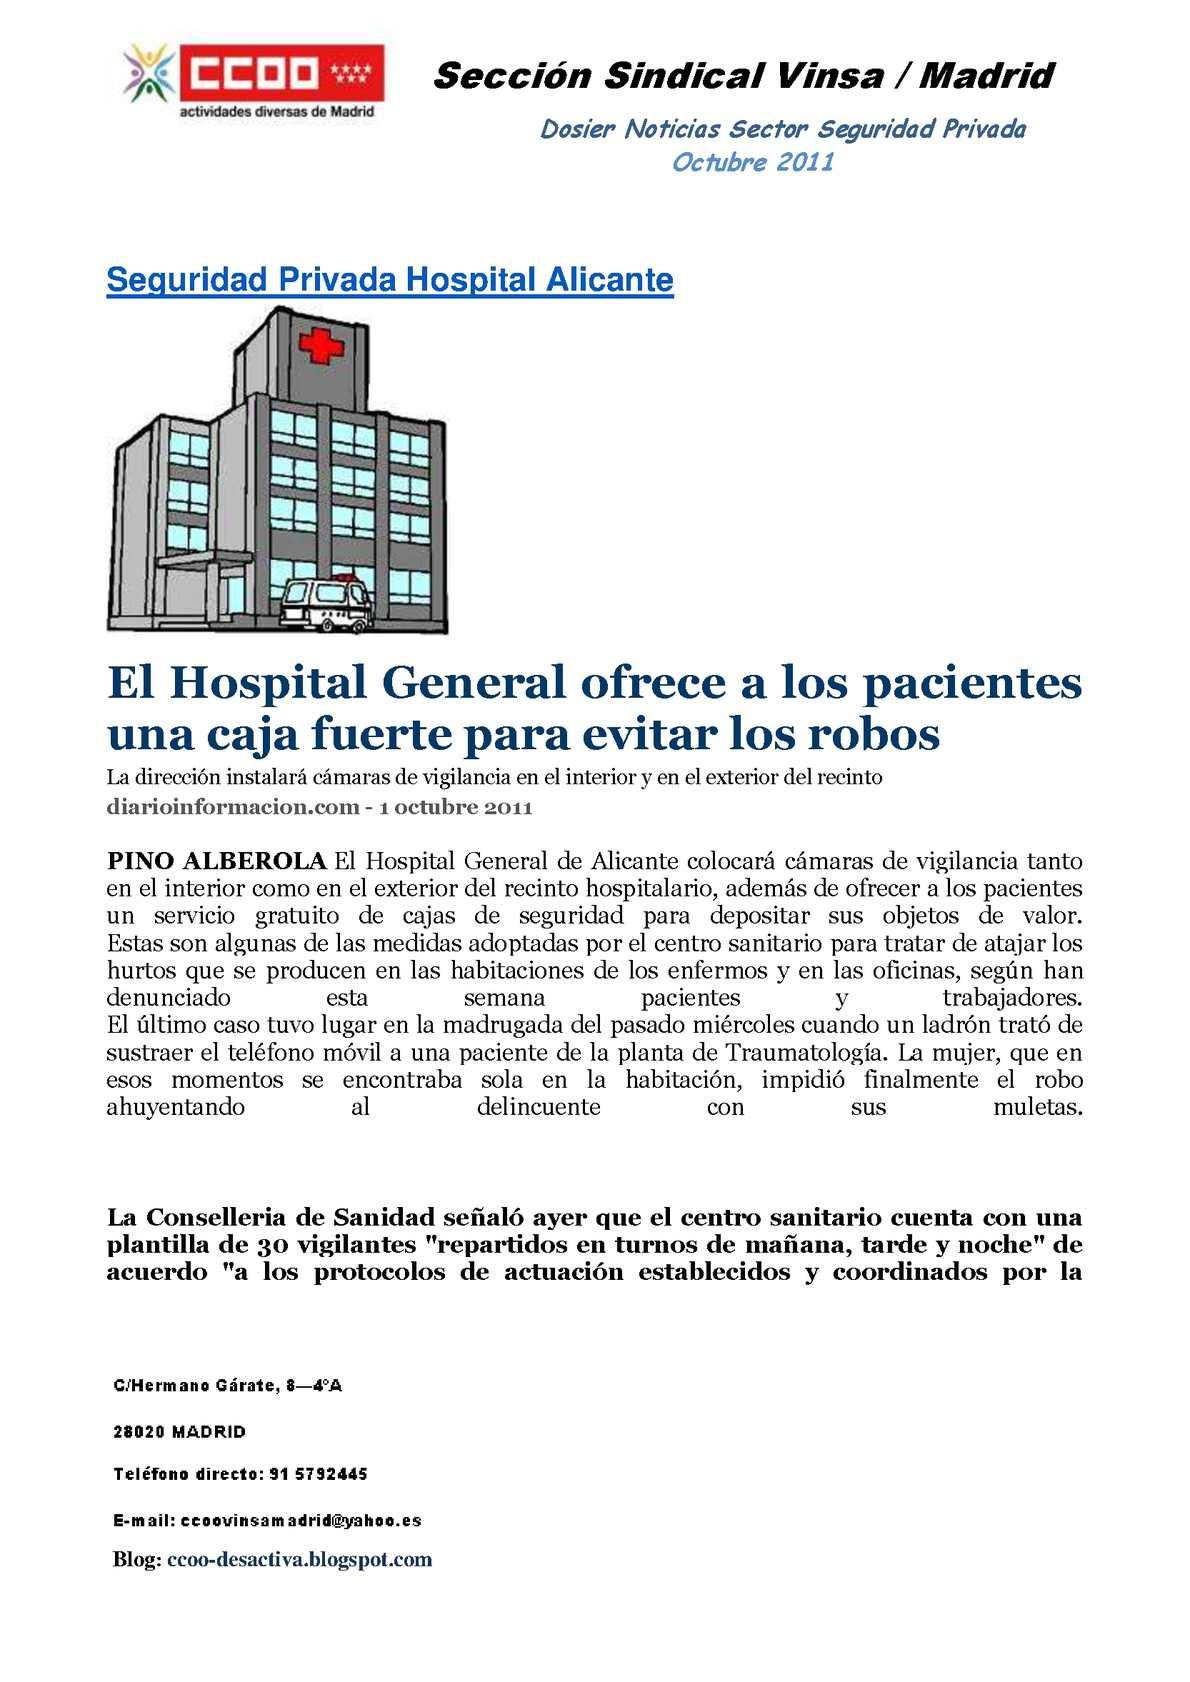 Calaméo - Dosier Noticias Sector Seguridad Privada Octubre 2011